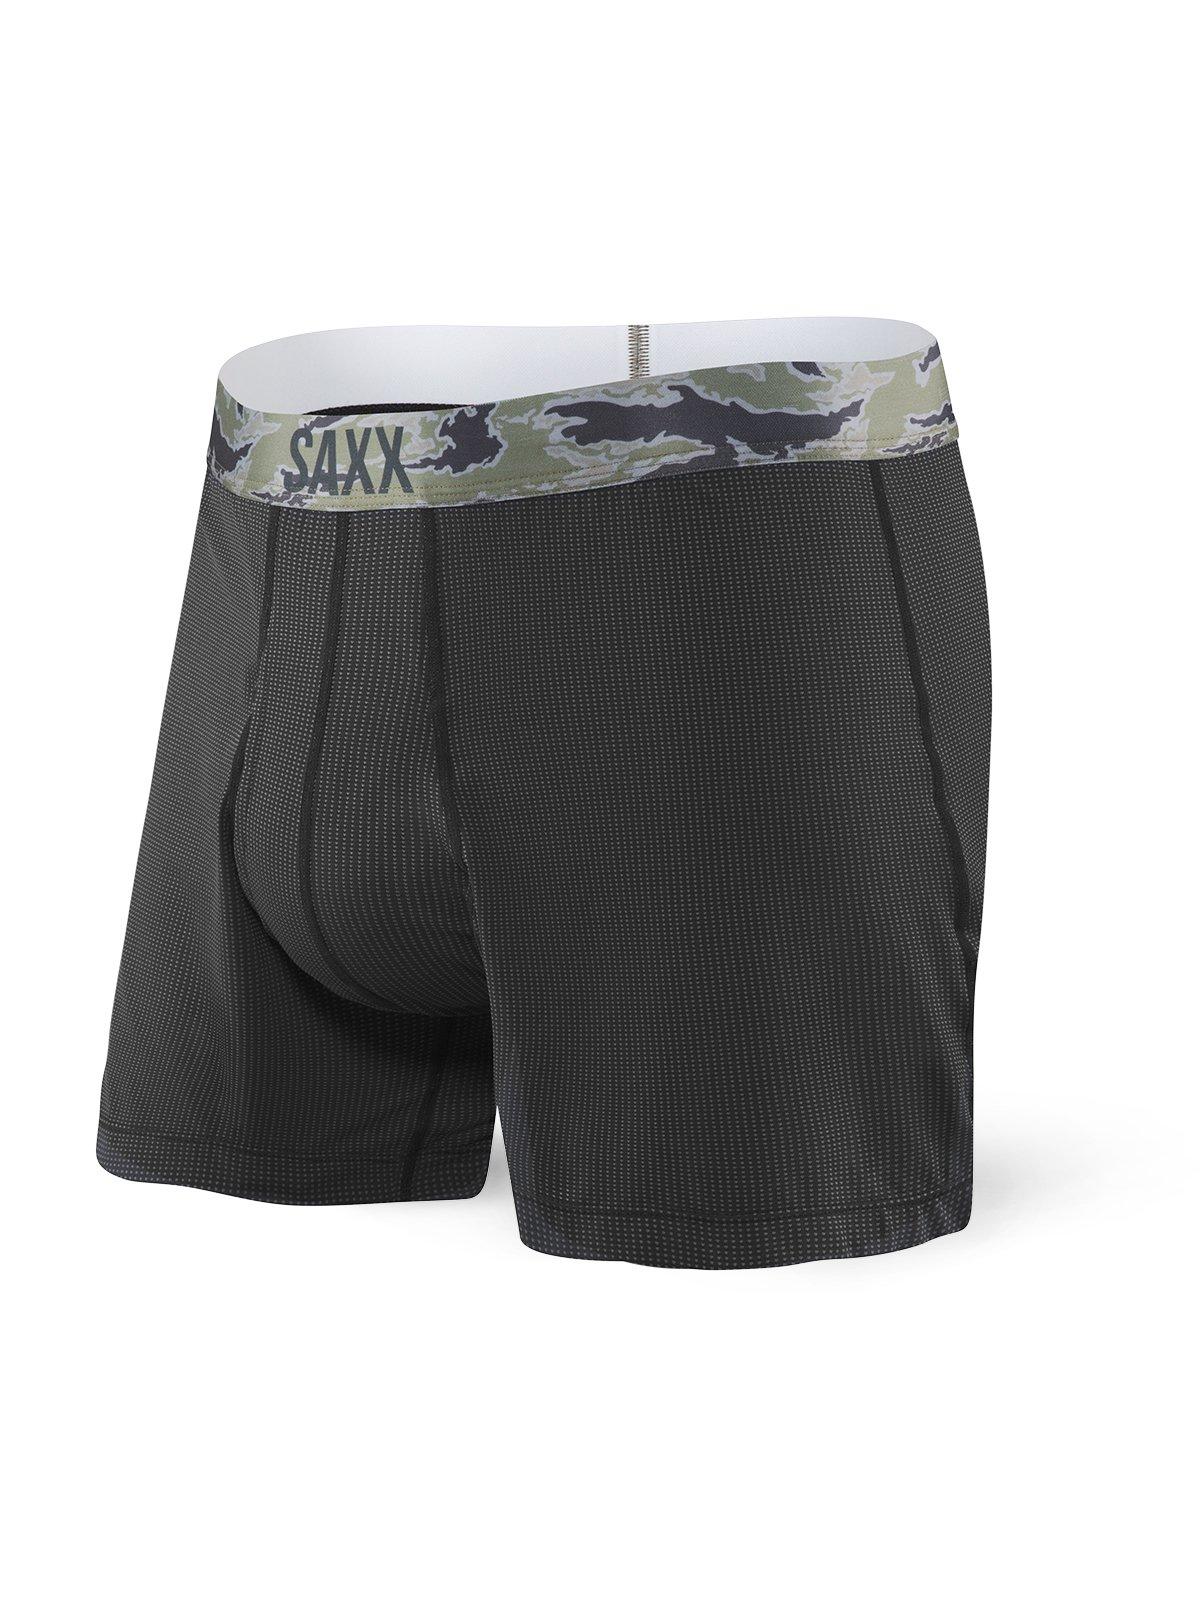 Saxx Underwear Loose Cannon Men's Boxer Ballpark Pouch Black Small